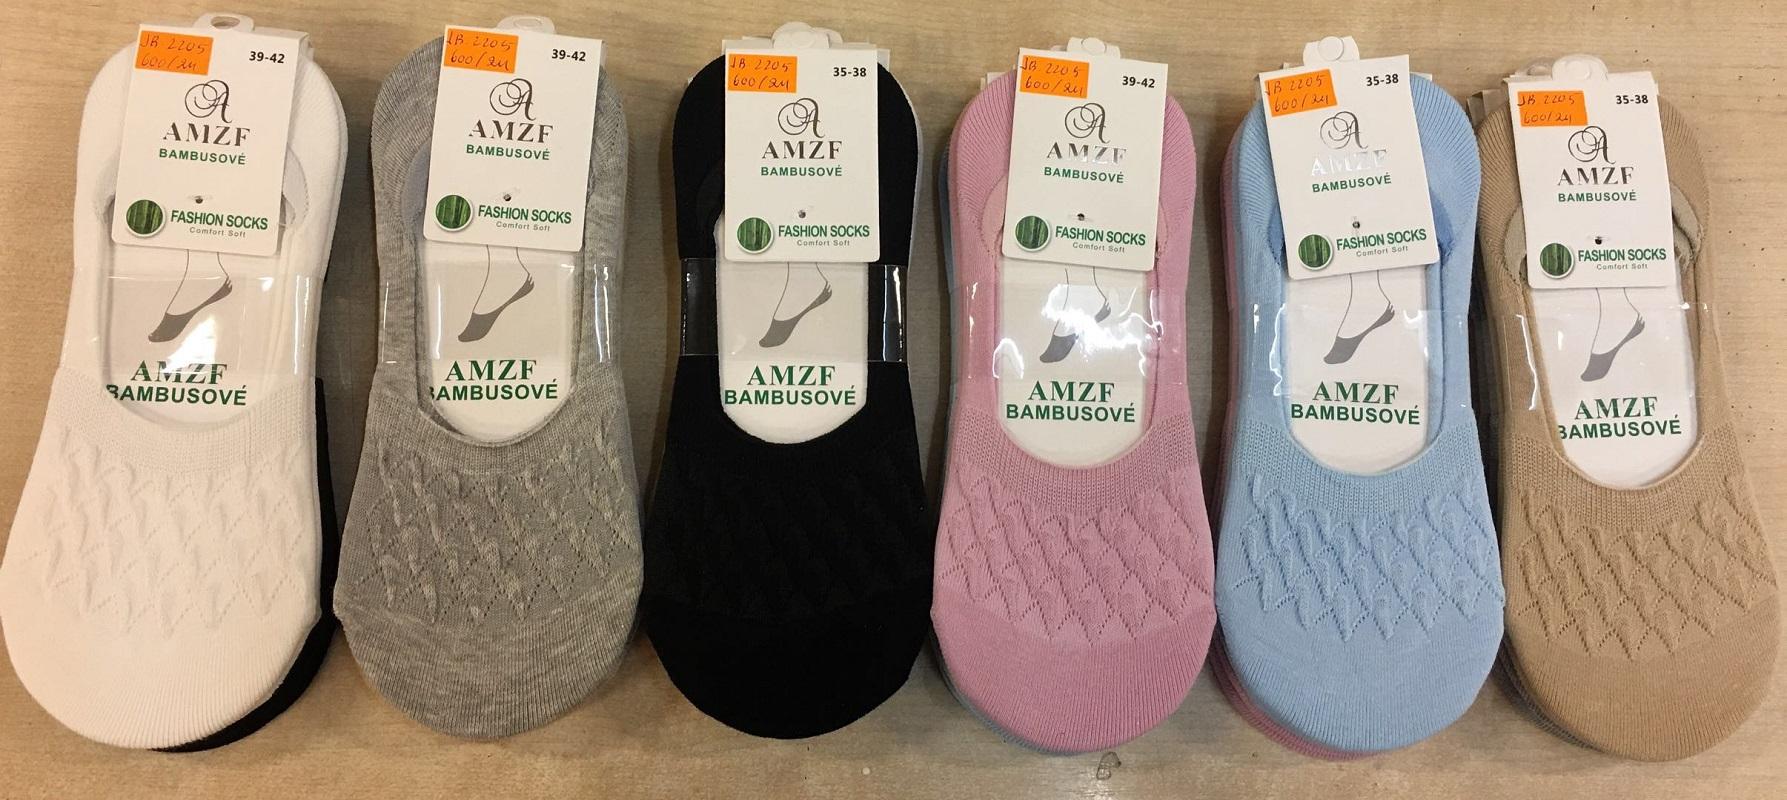 Dámské bambusové ťapky (ponožky) AZMF (35-42)